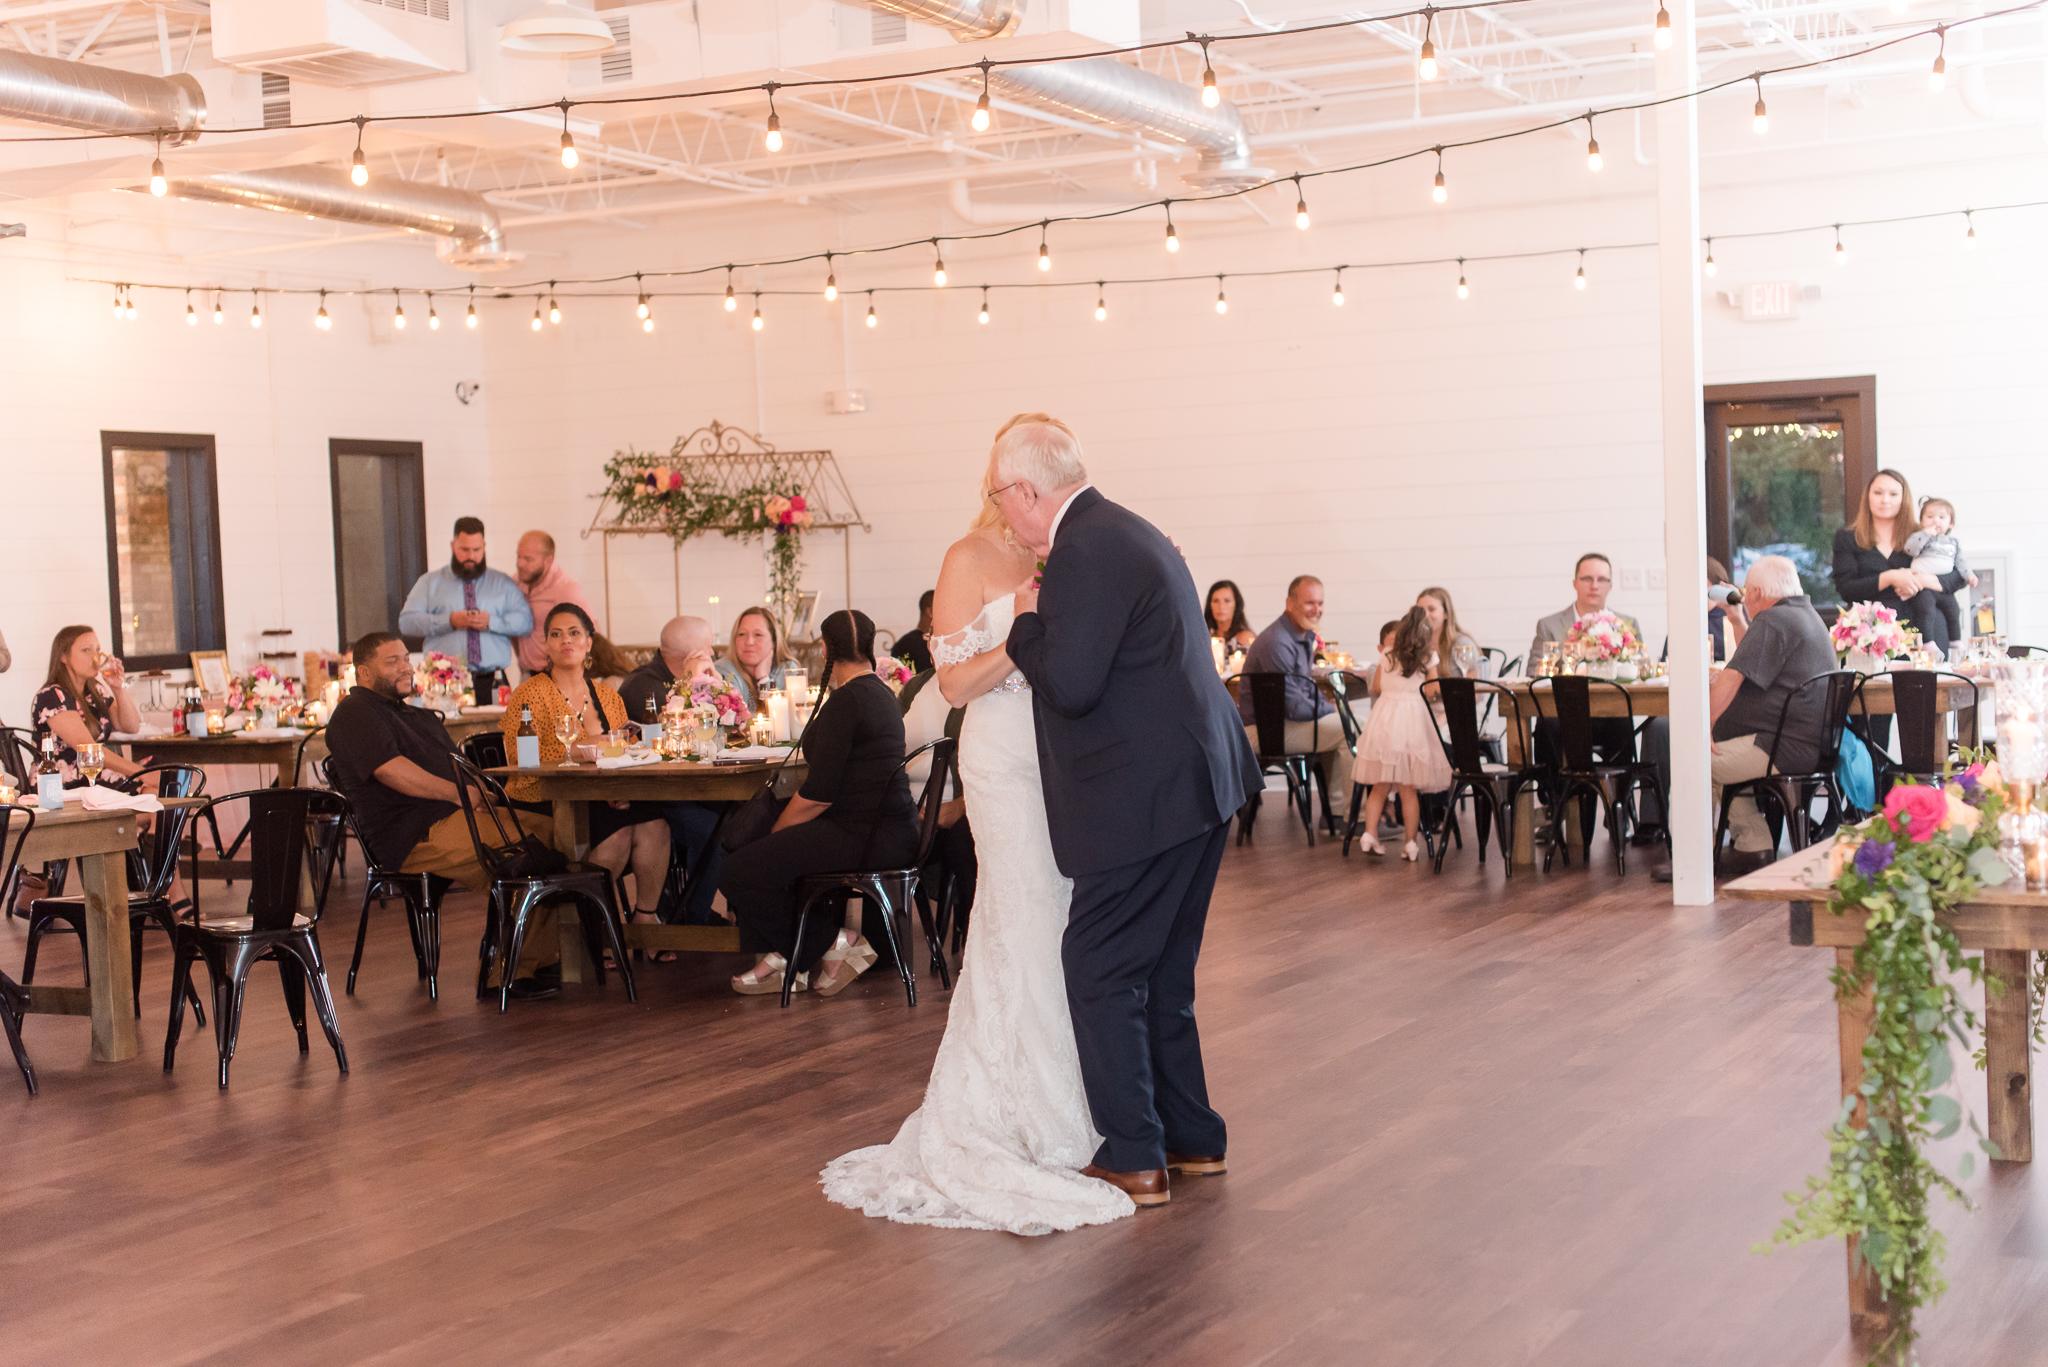 Wedding Reception at Bash in Carmel Indiana8290.jpg